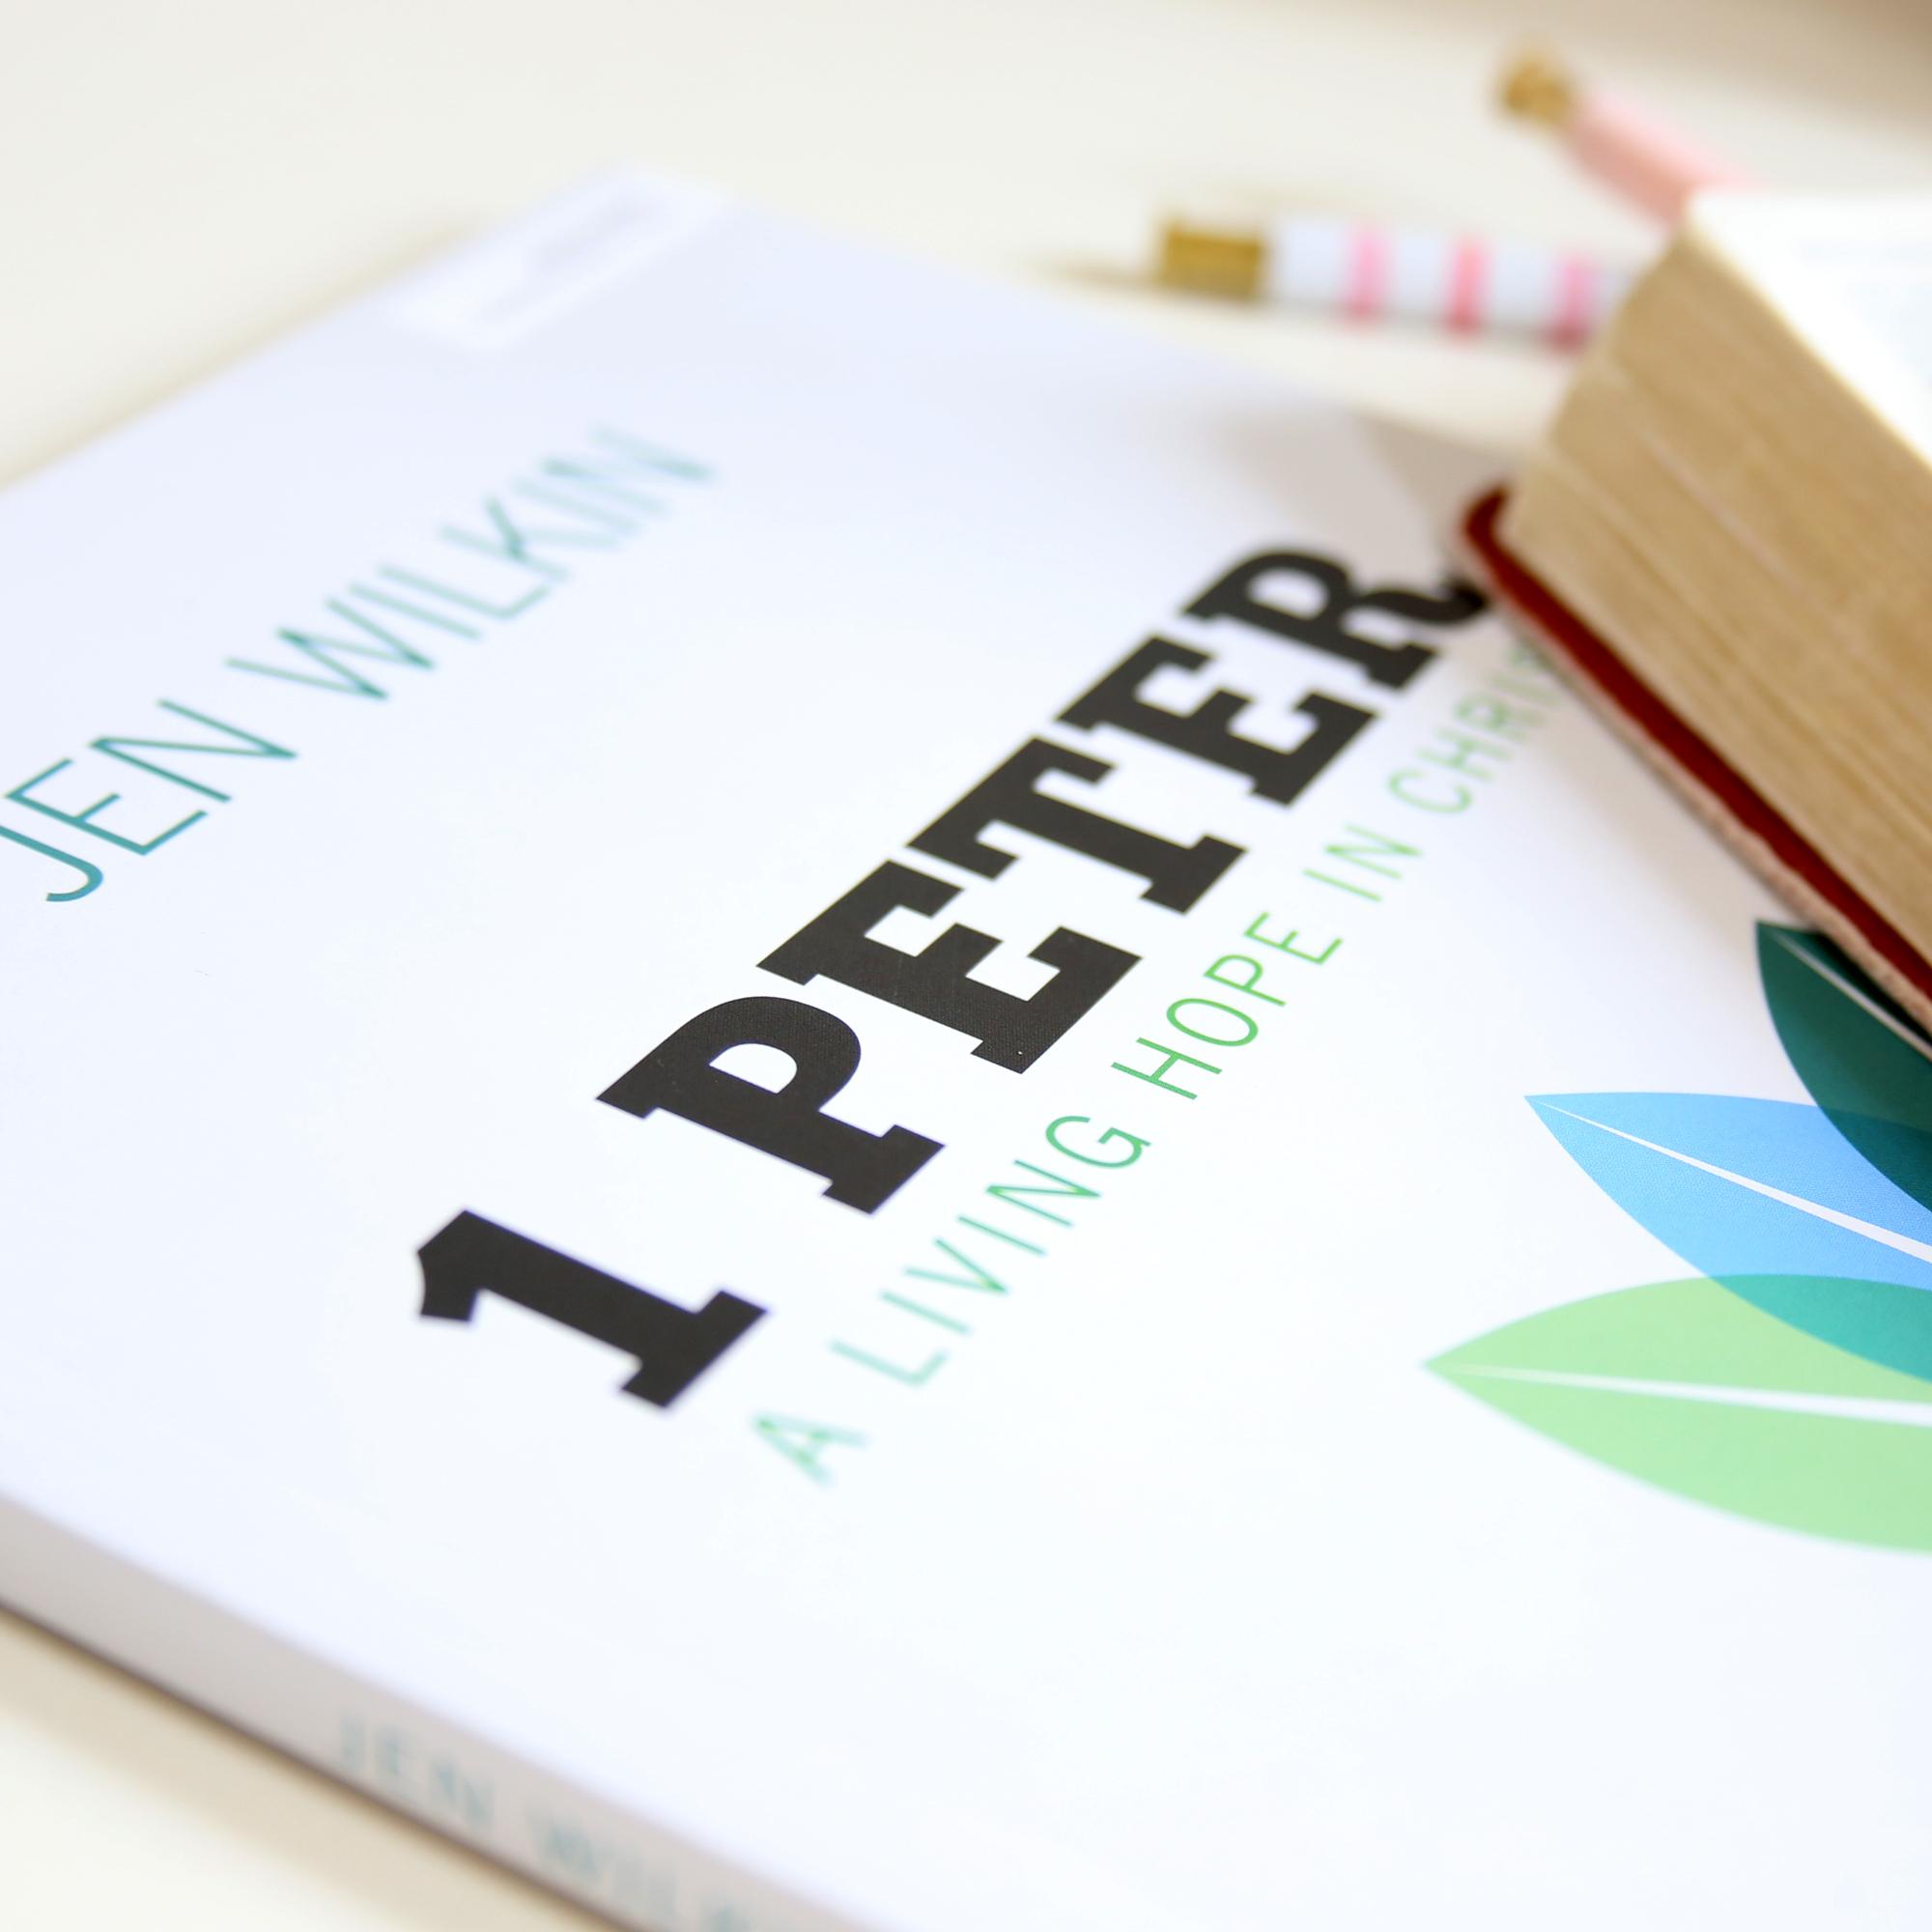 1 Peter: A Living Hope in Christ by Jen Wilkin